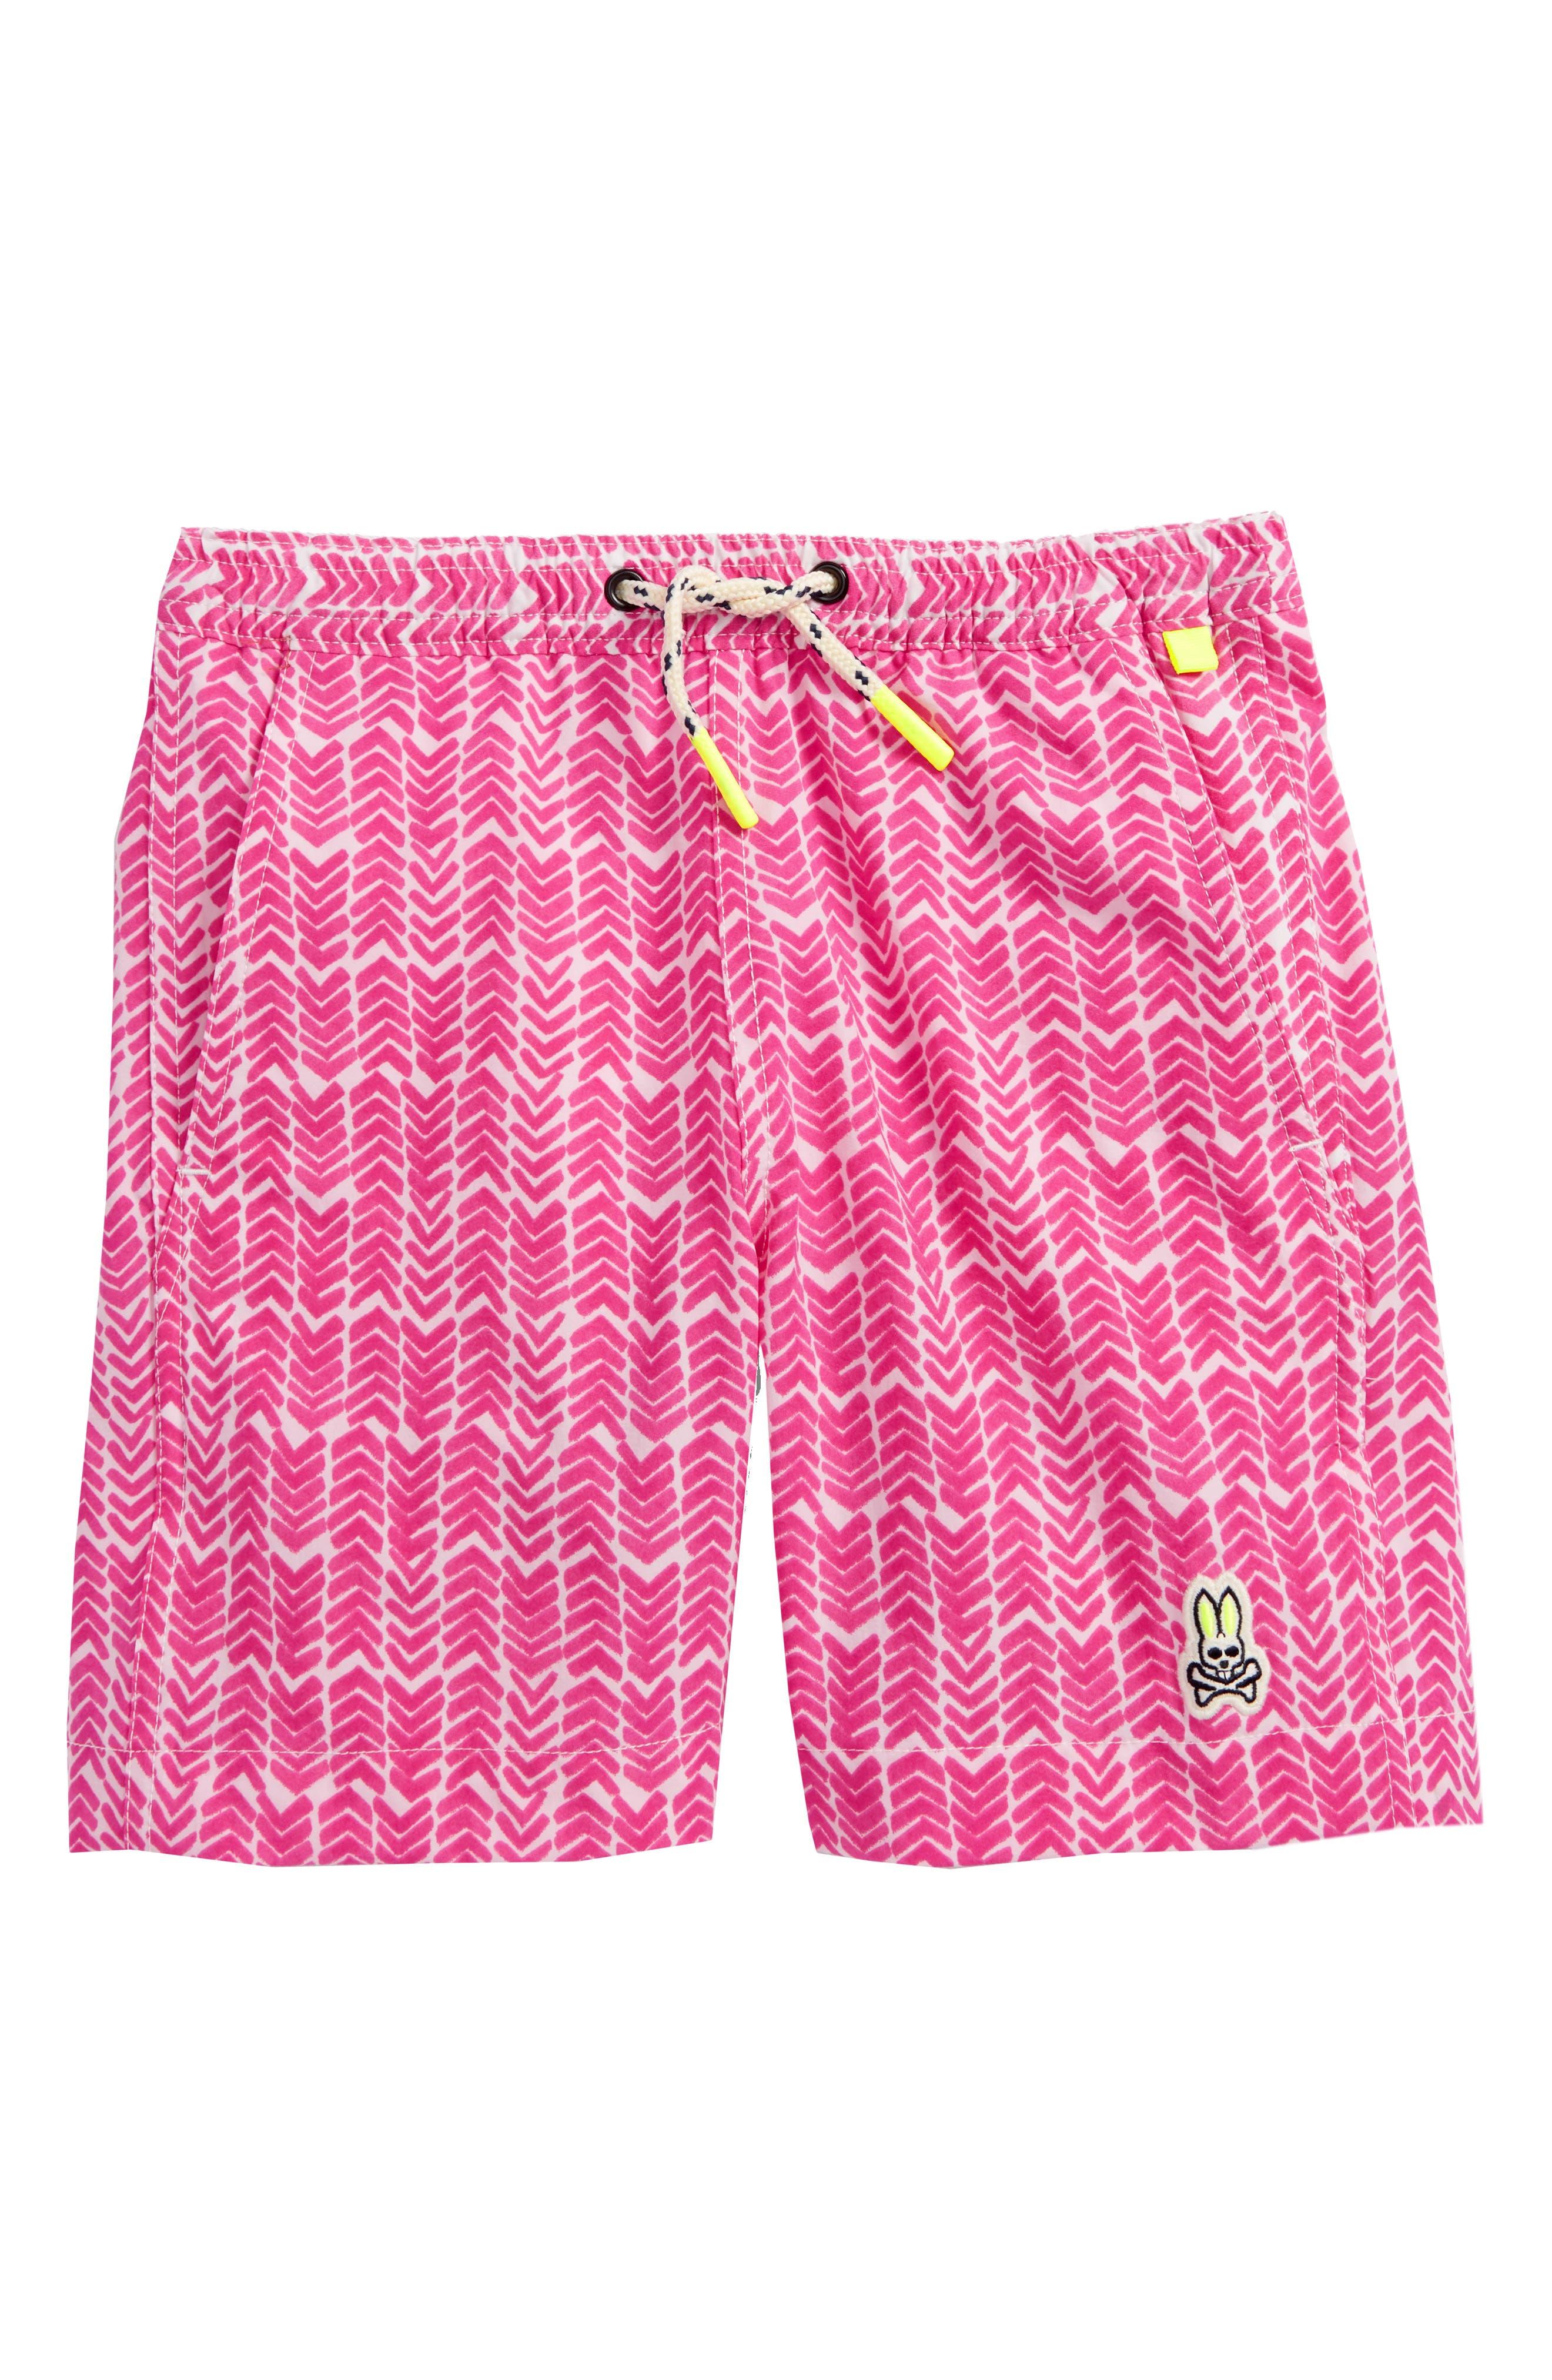 Watermark Herringbone Swim Trunks,                         Main,                         color, 659